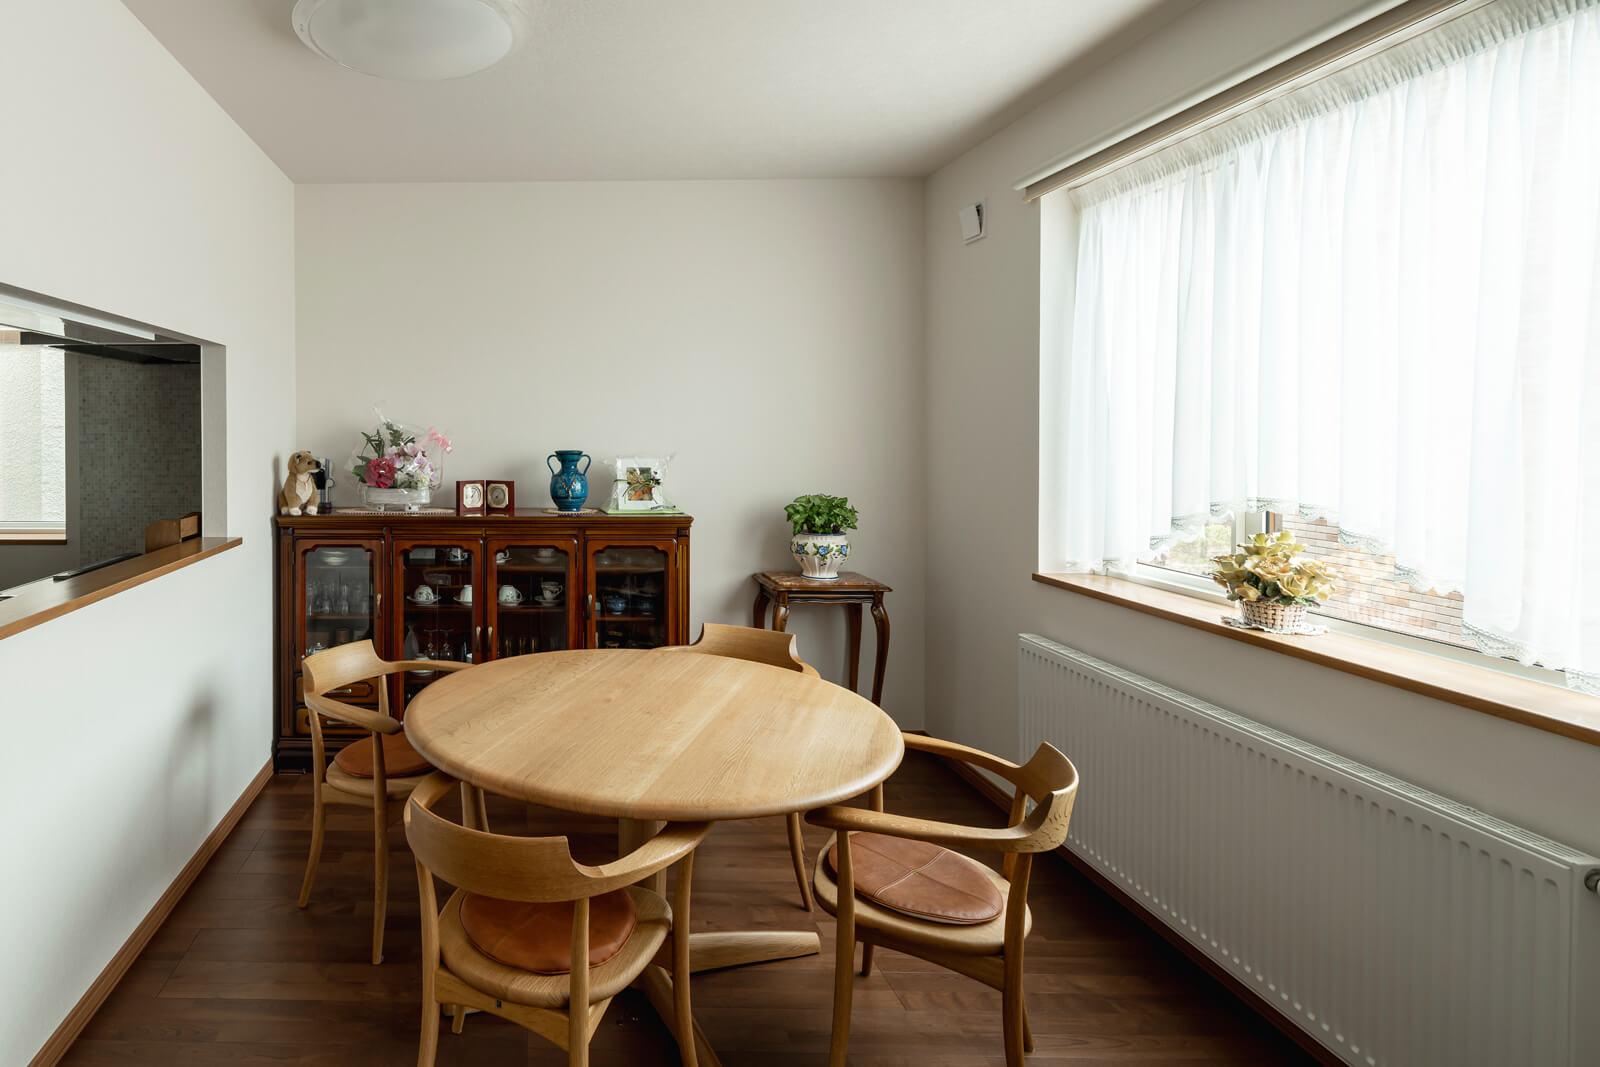 ワイドなFIX窓からの光が心地よいダイニング・キッチン。大きな丸いダイニングテーブルや椅子は新たに購入したもの